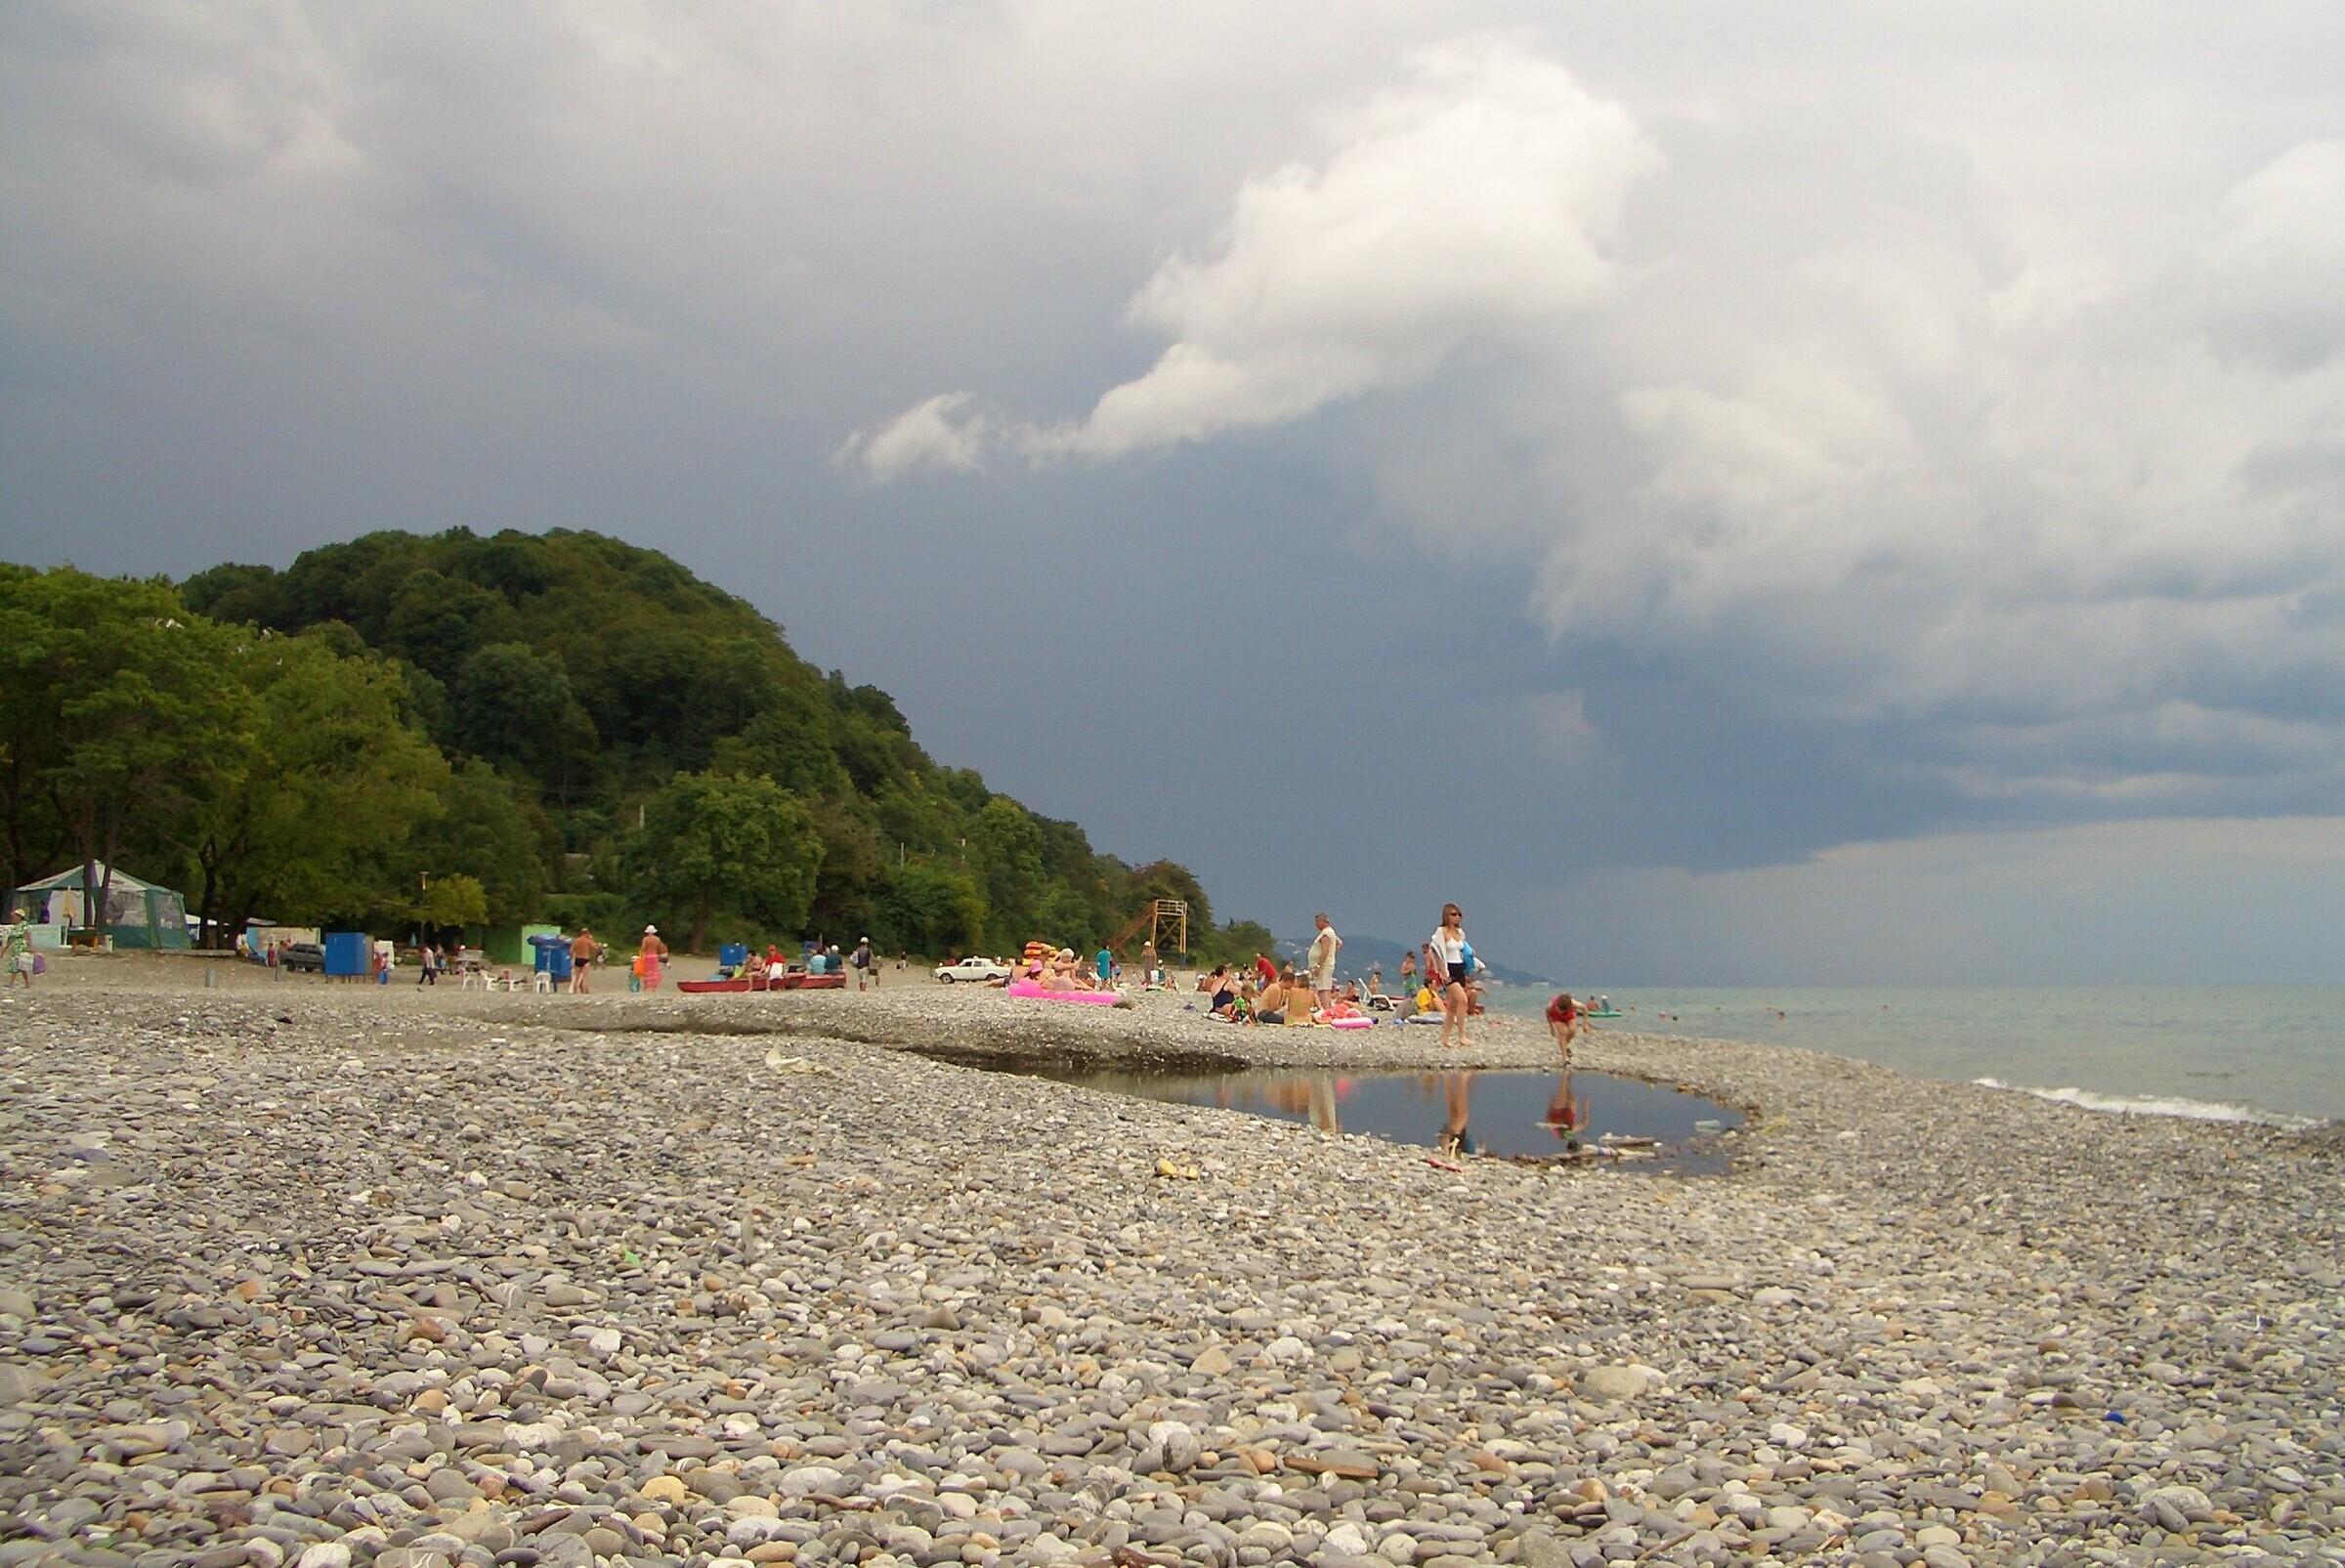 Вардане пляж картинки